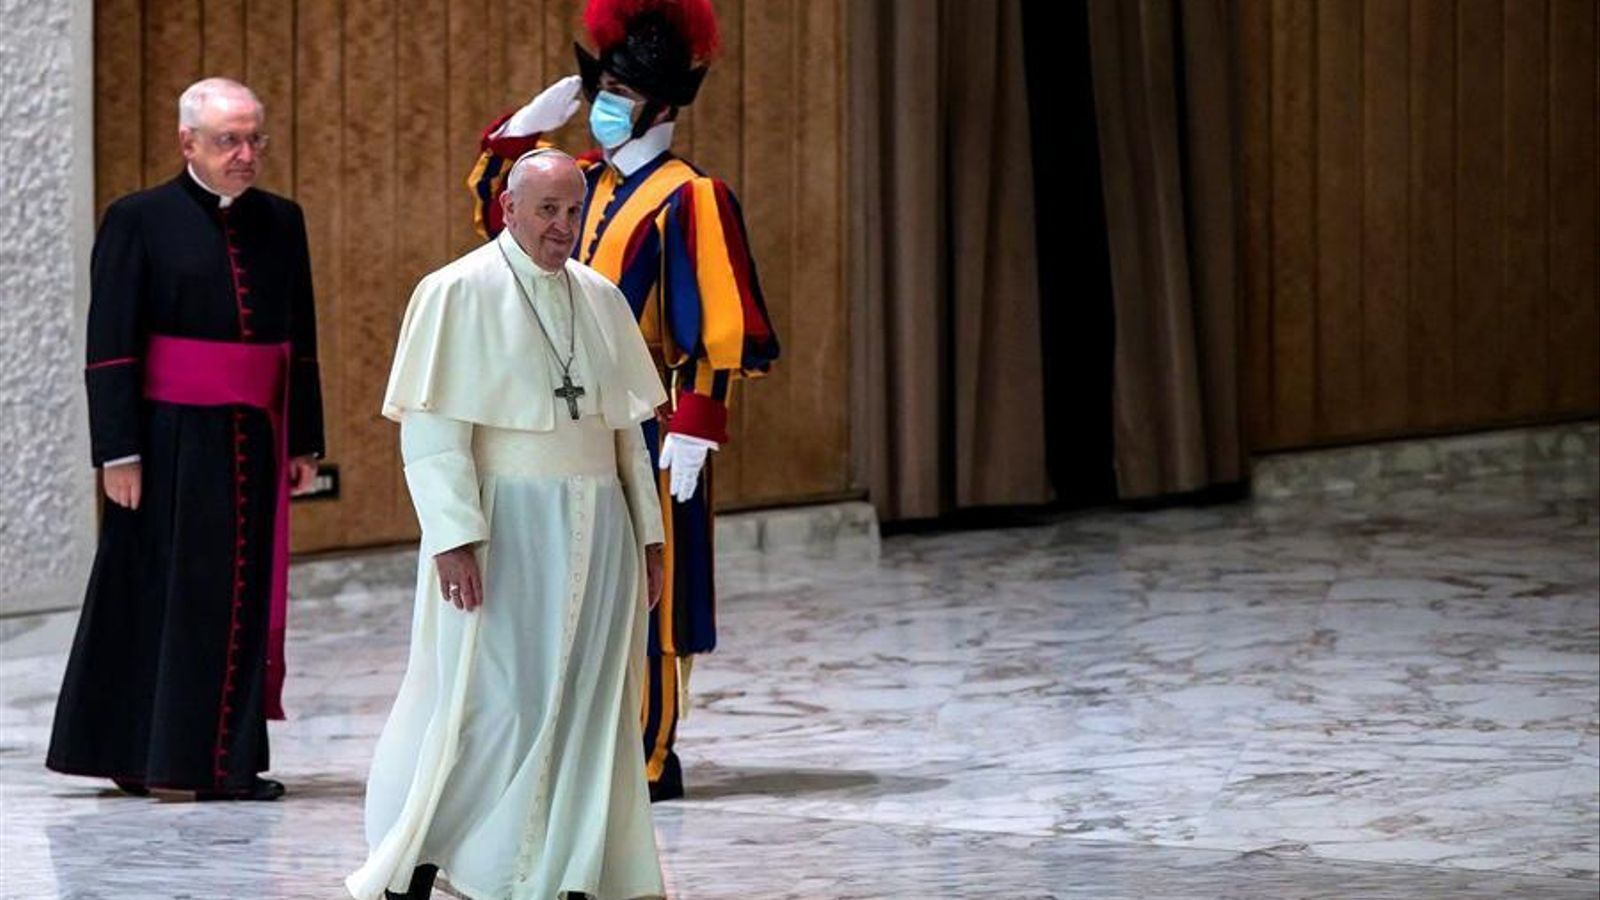 El Papa es mostra favorable a les unions civils homosexuals